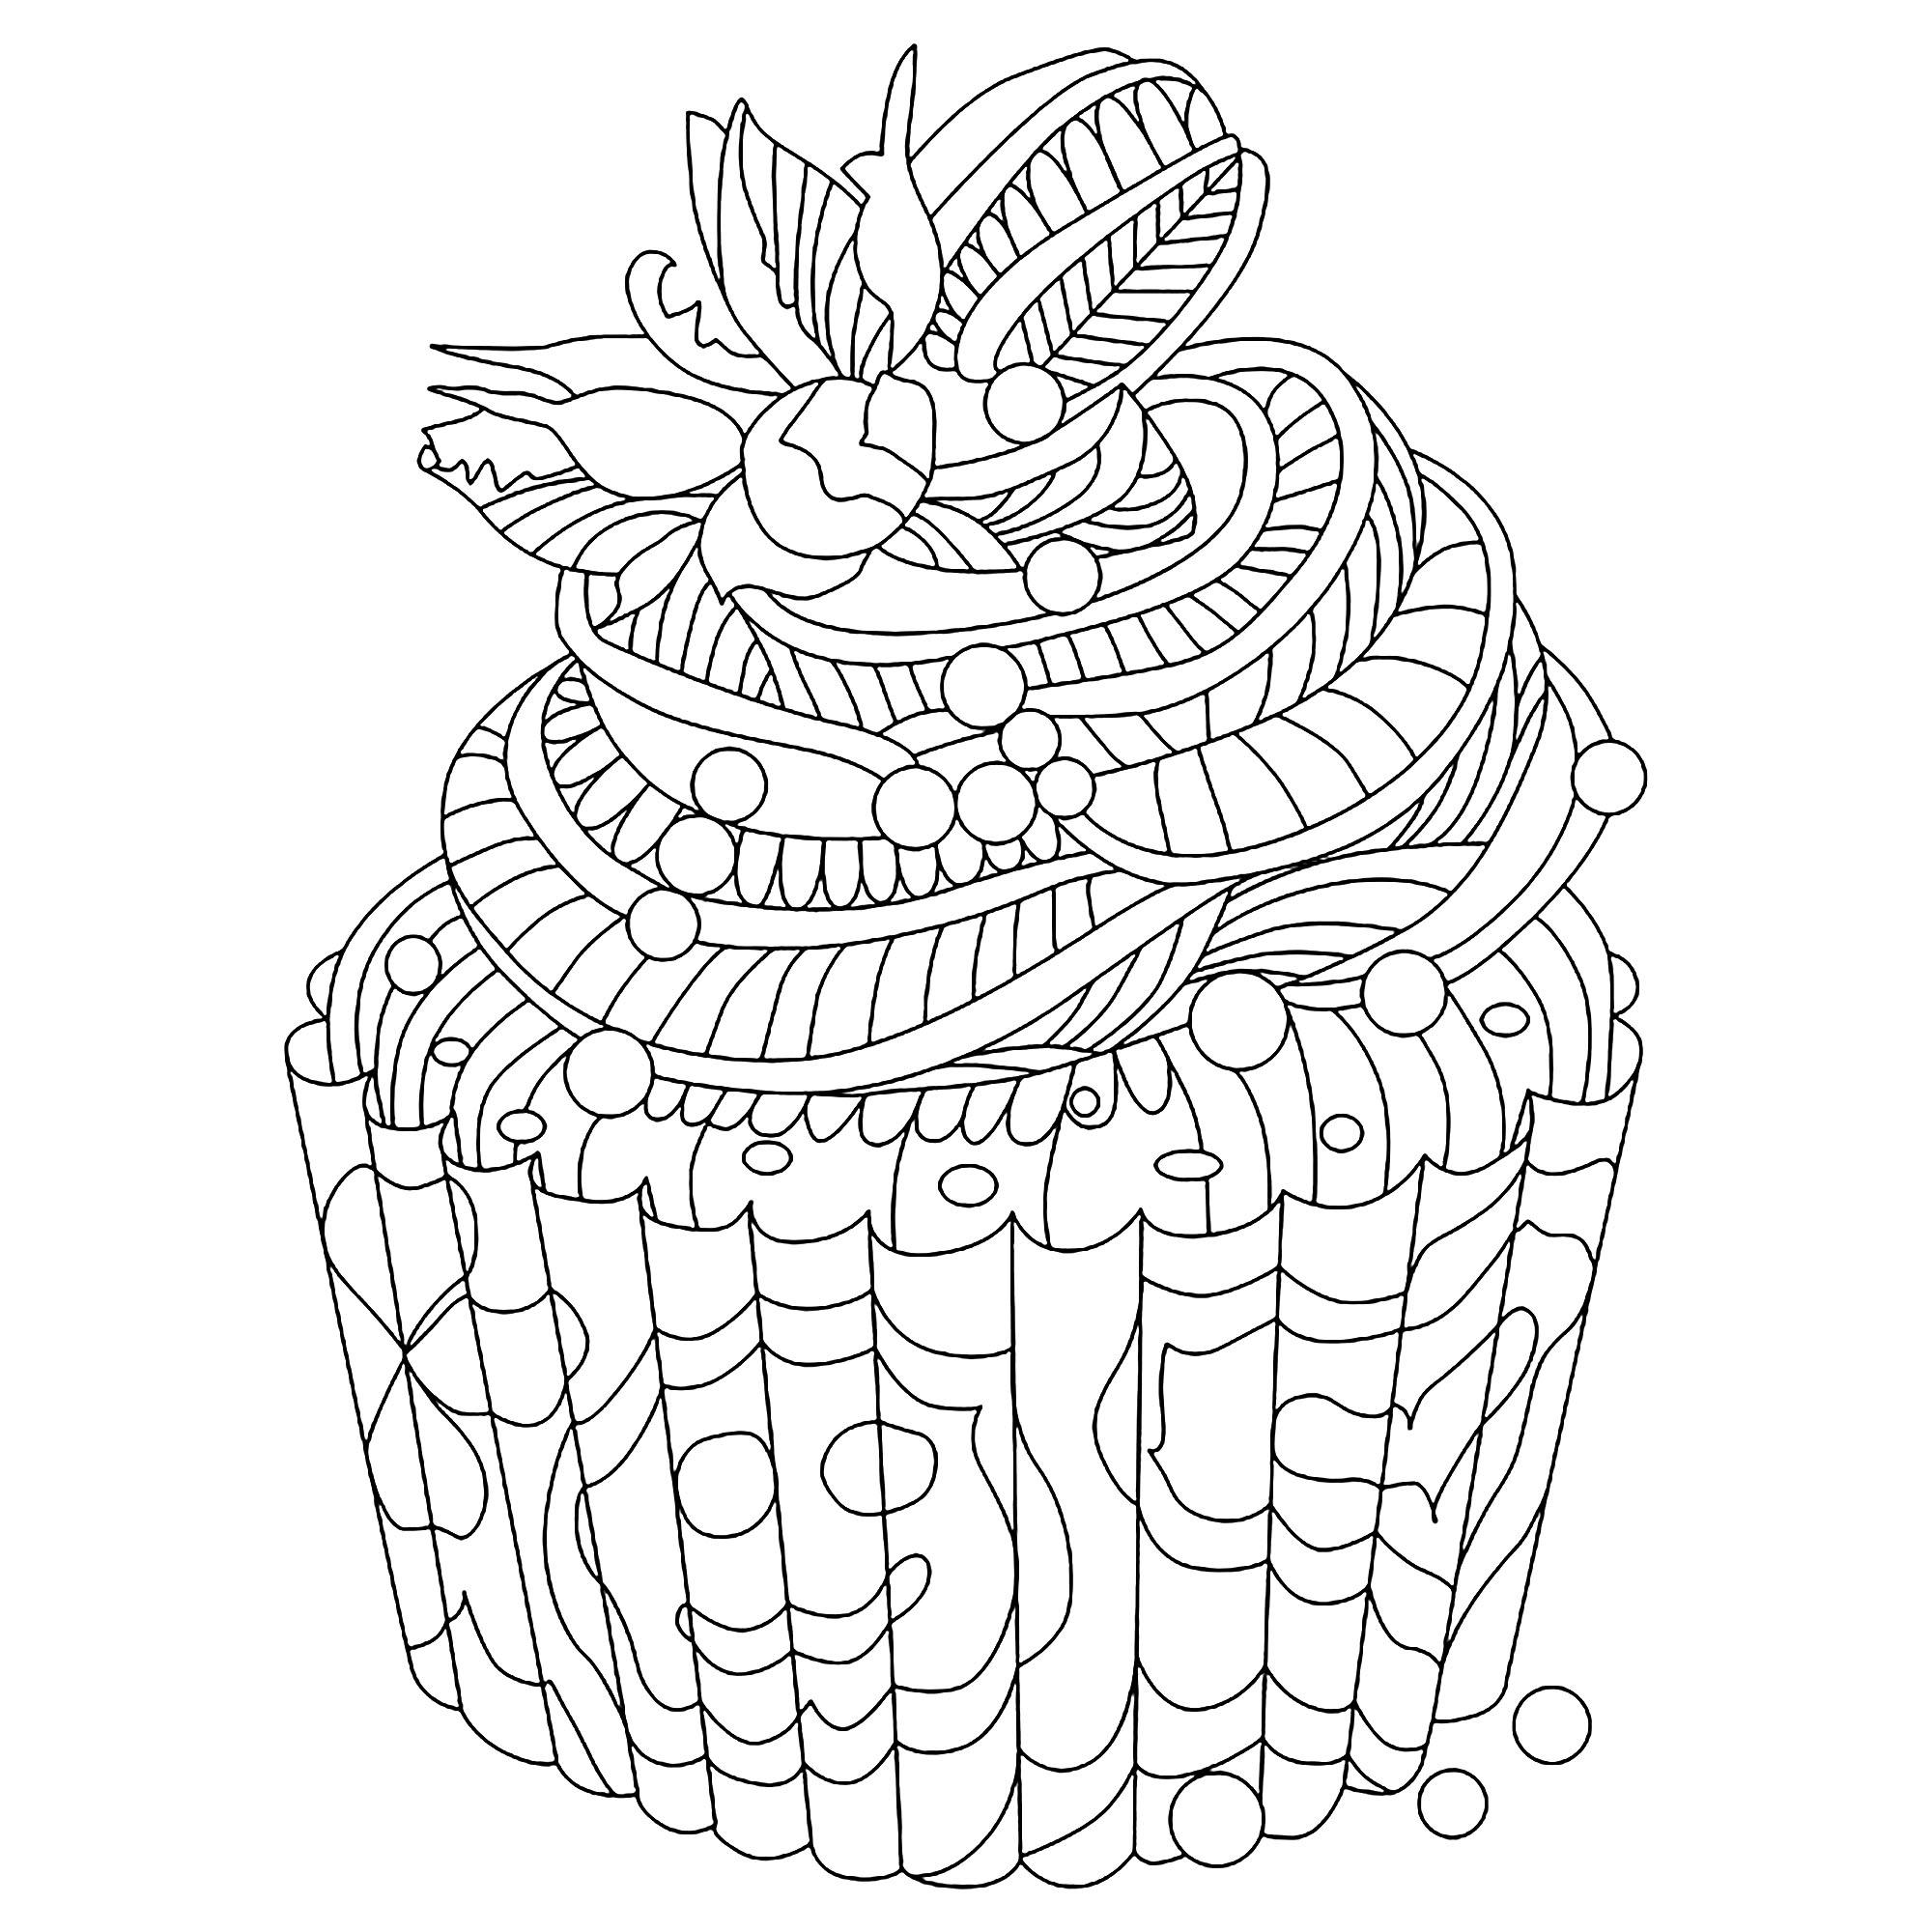 Disegni da Colorare per Adulti : Cup Cakes - 8